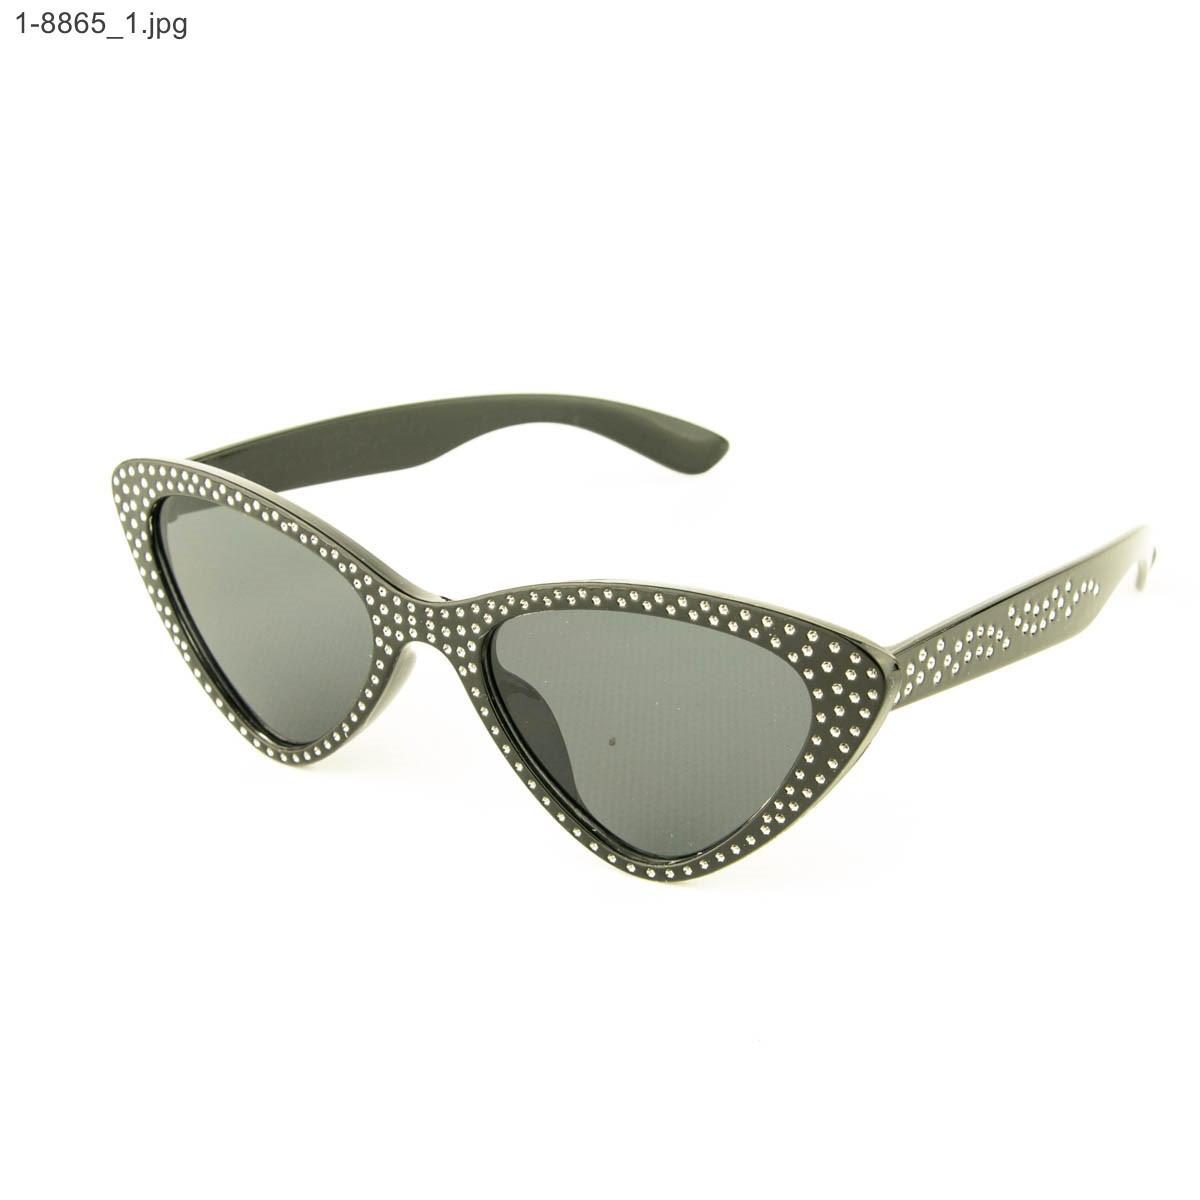 Модные очки кошачий глаз - Черные со стразами (имитация) - 1-8865